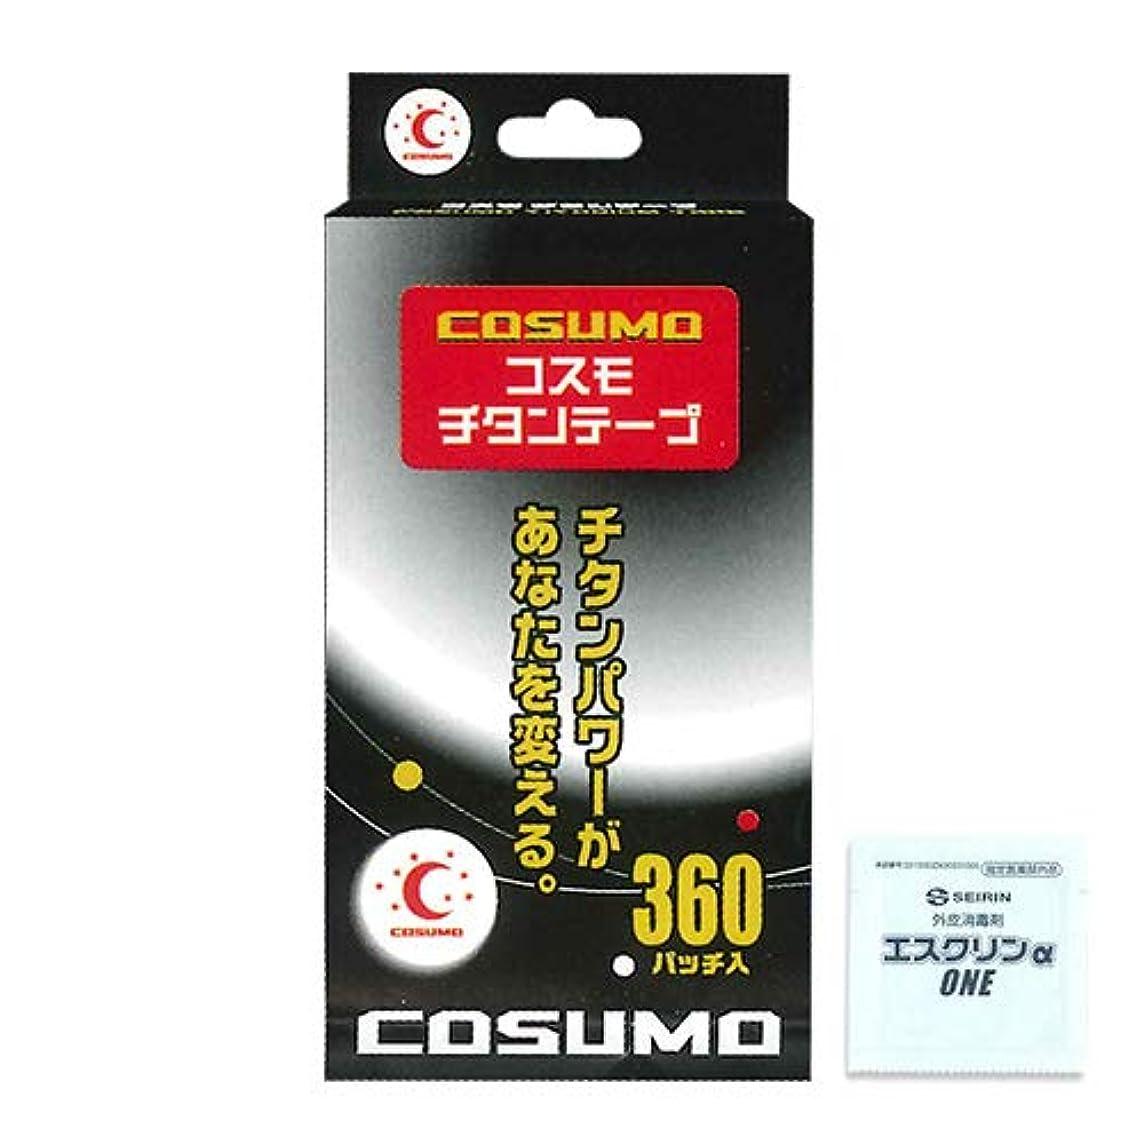 実行可能儀式のり日進医療器:コスモチタンテープ 360パッチ入×3個セット + エスクリンONE1包セット